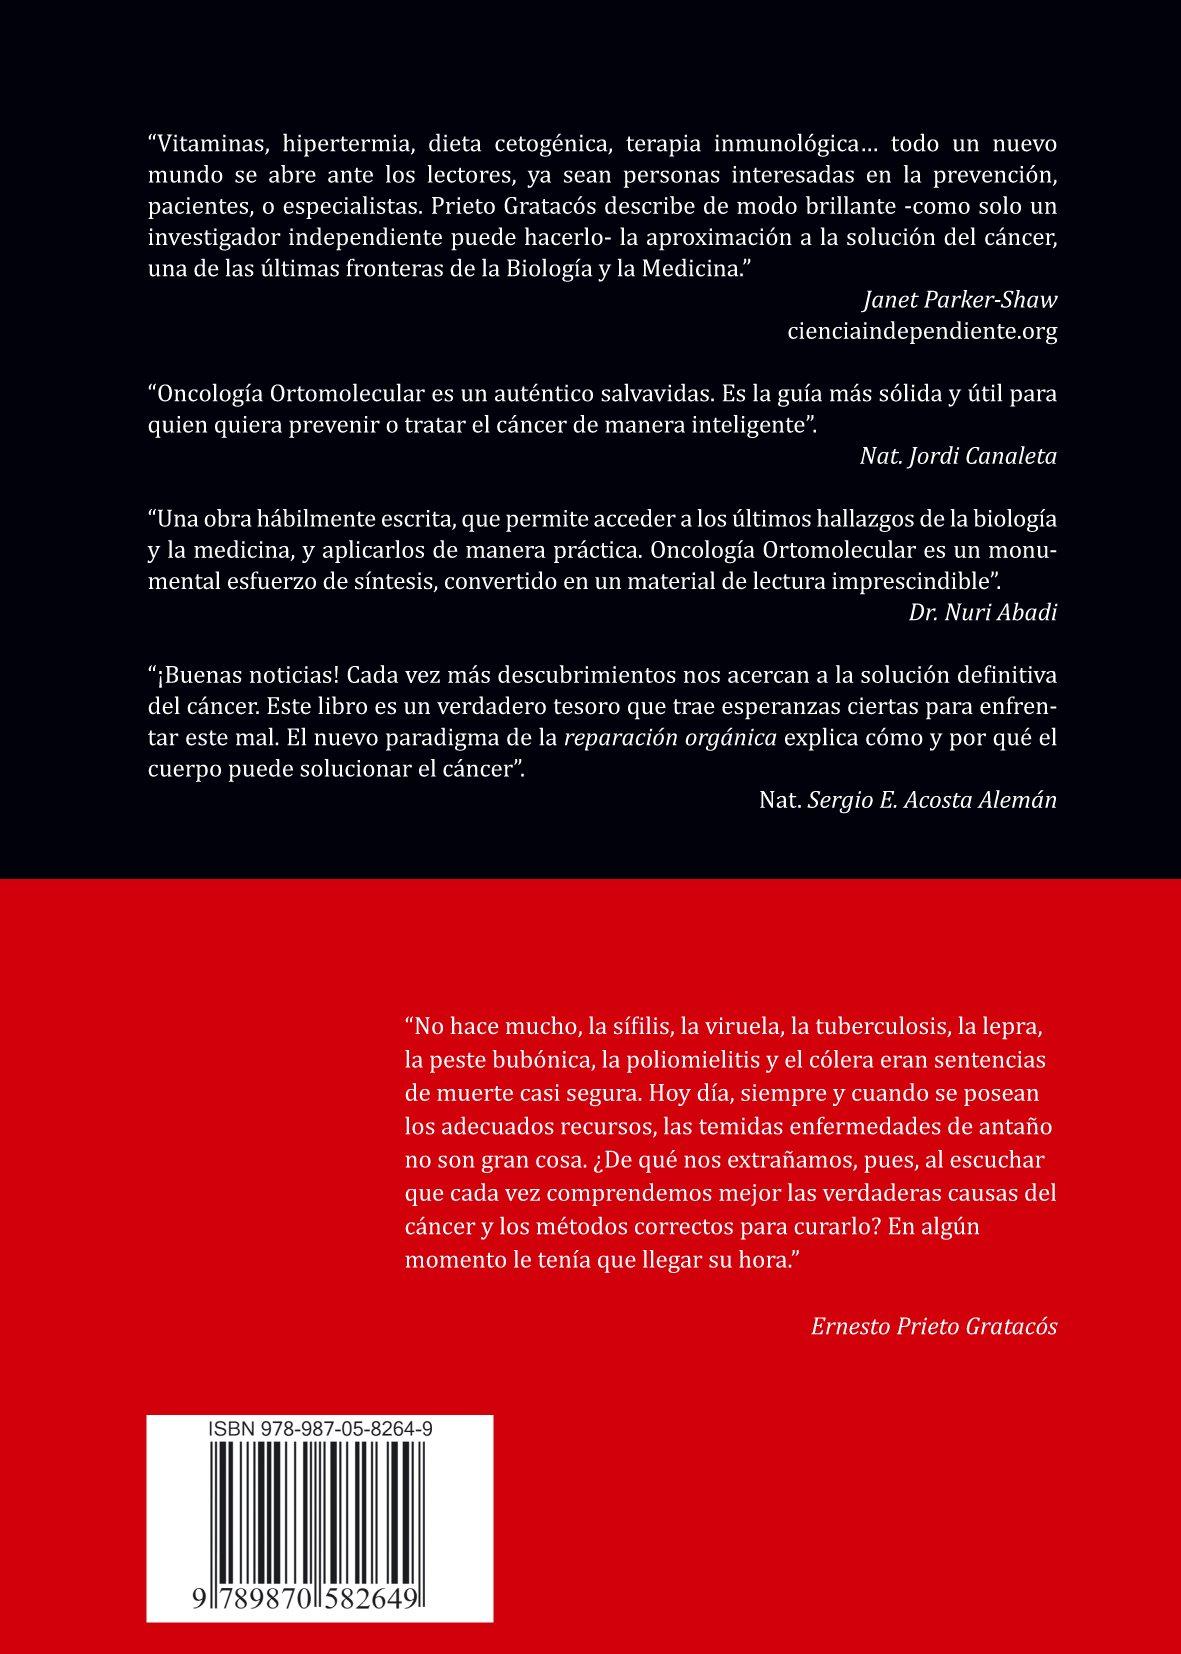 Oncología Ortomolecular: el arte de sanar el cáncer a través de la Reparación Orgánica: Ernesto Prieto: 9789870582649: Amazon.com: Books